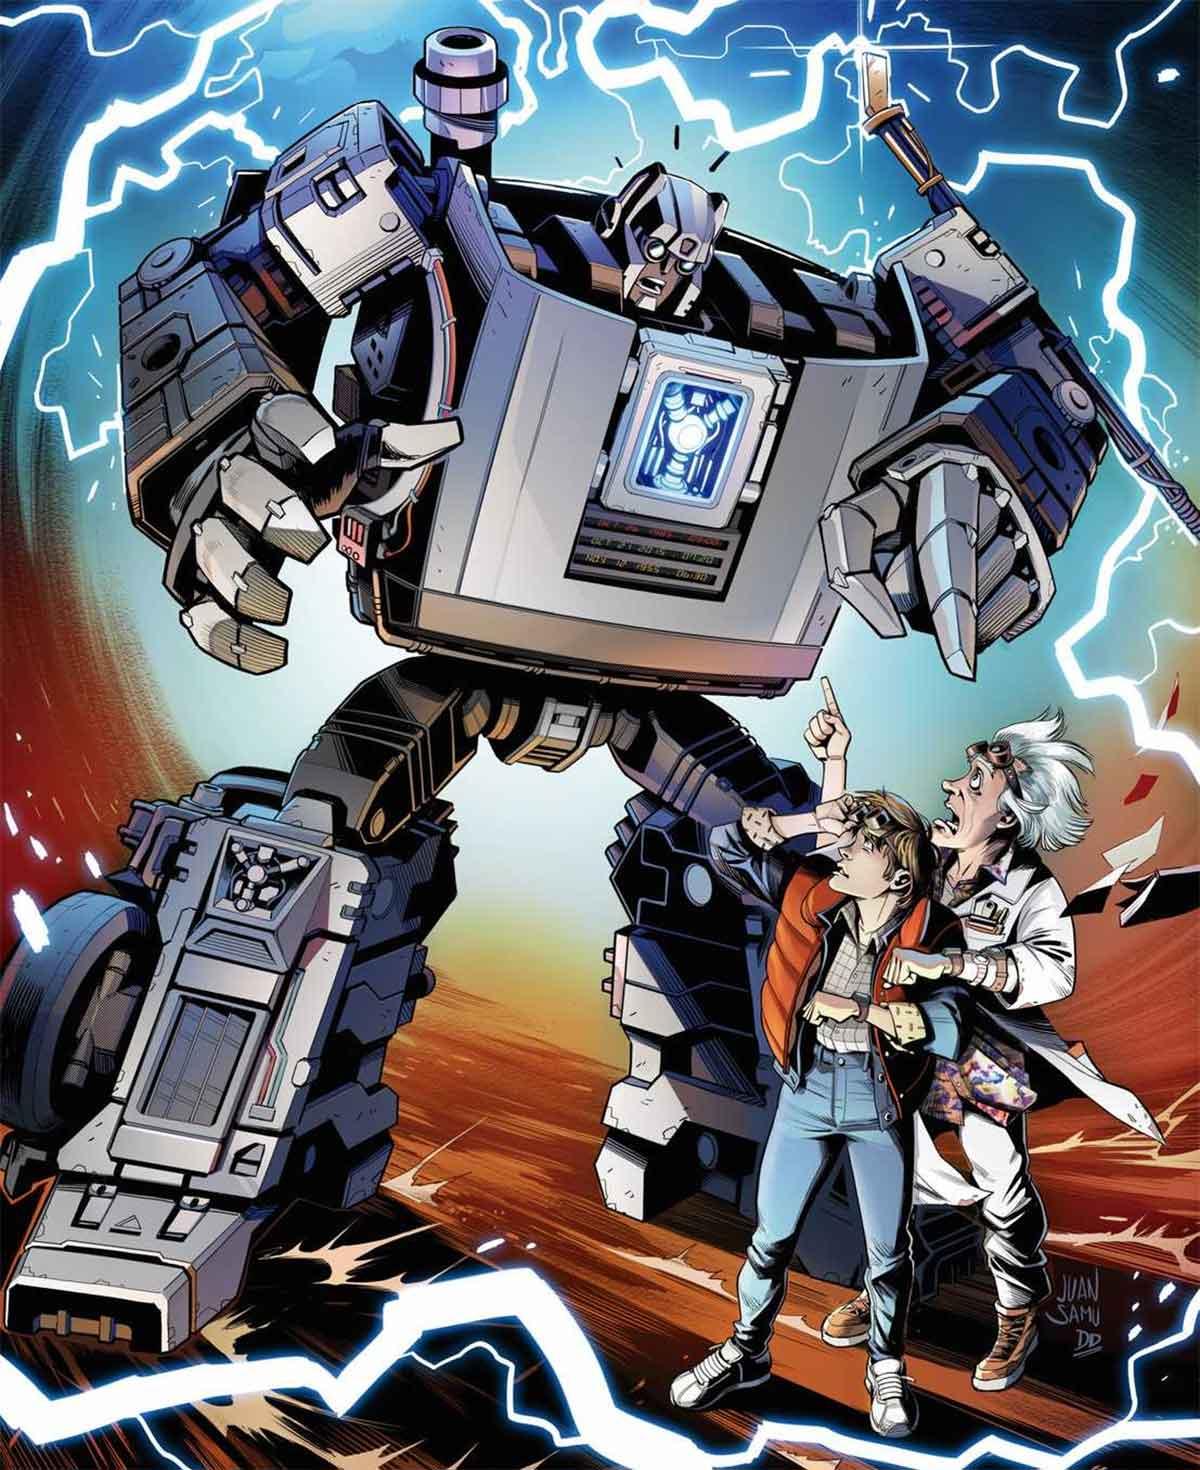 Regreso al futuro conoce a los Transformers en épico crossover